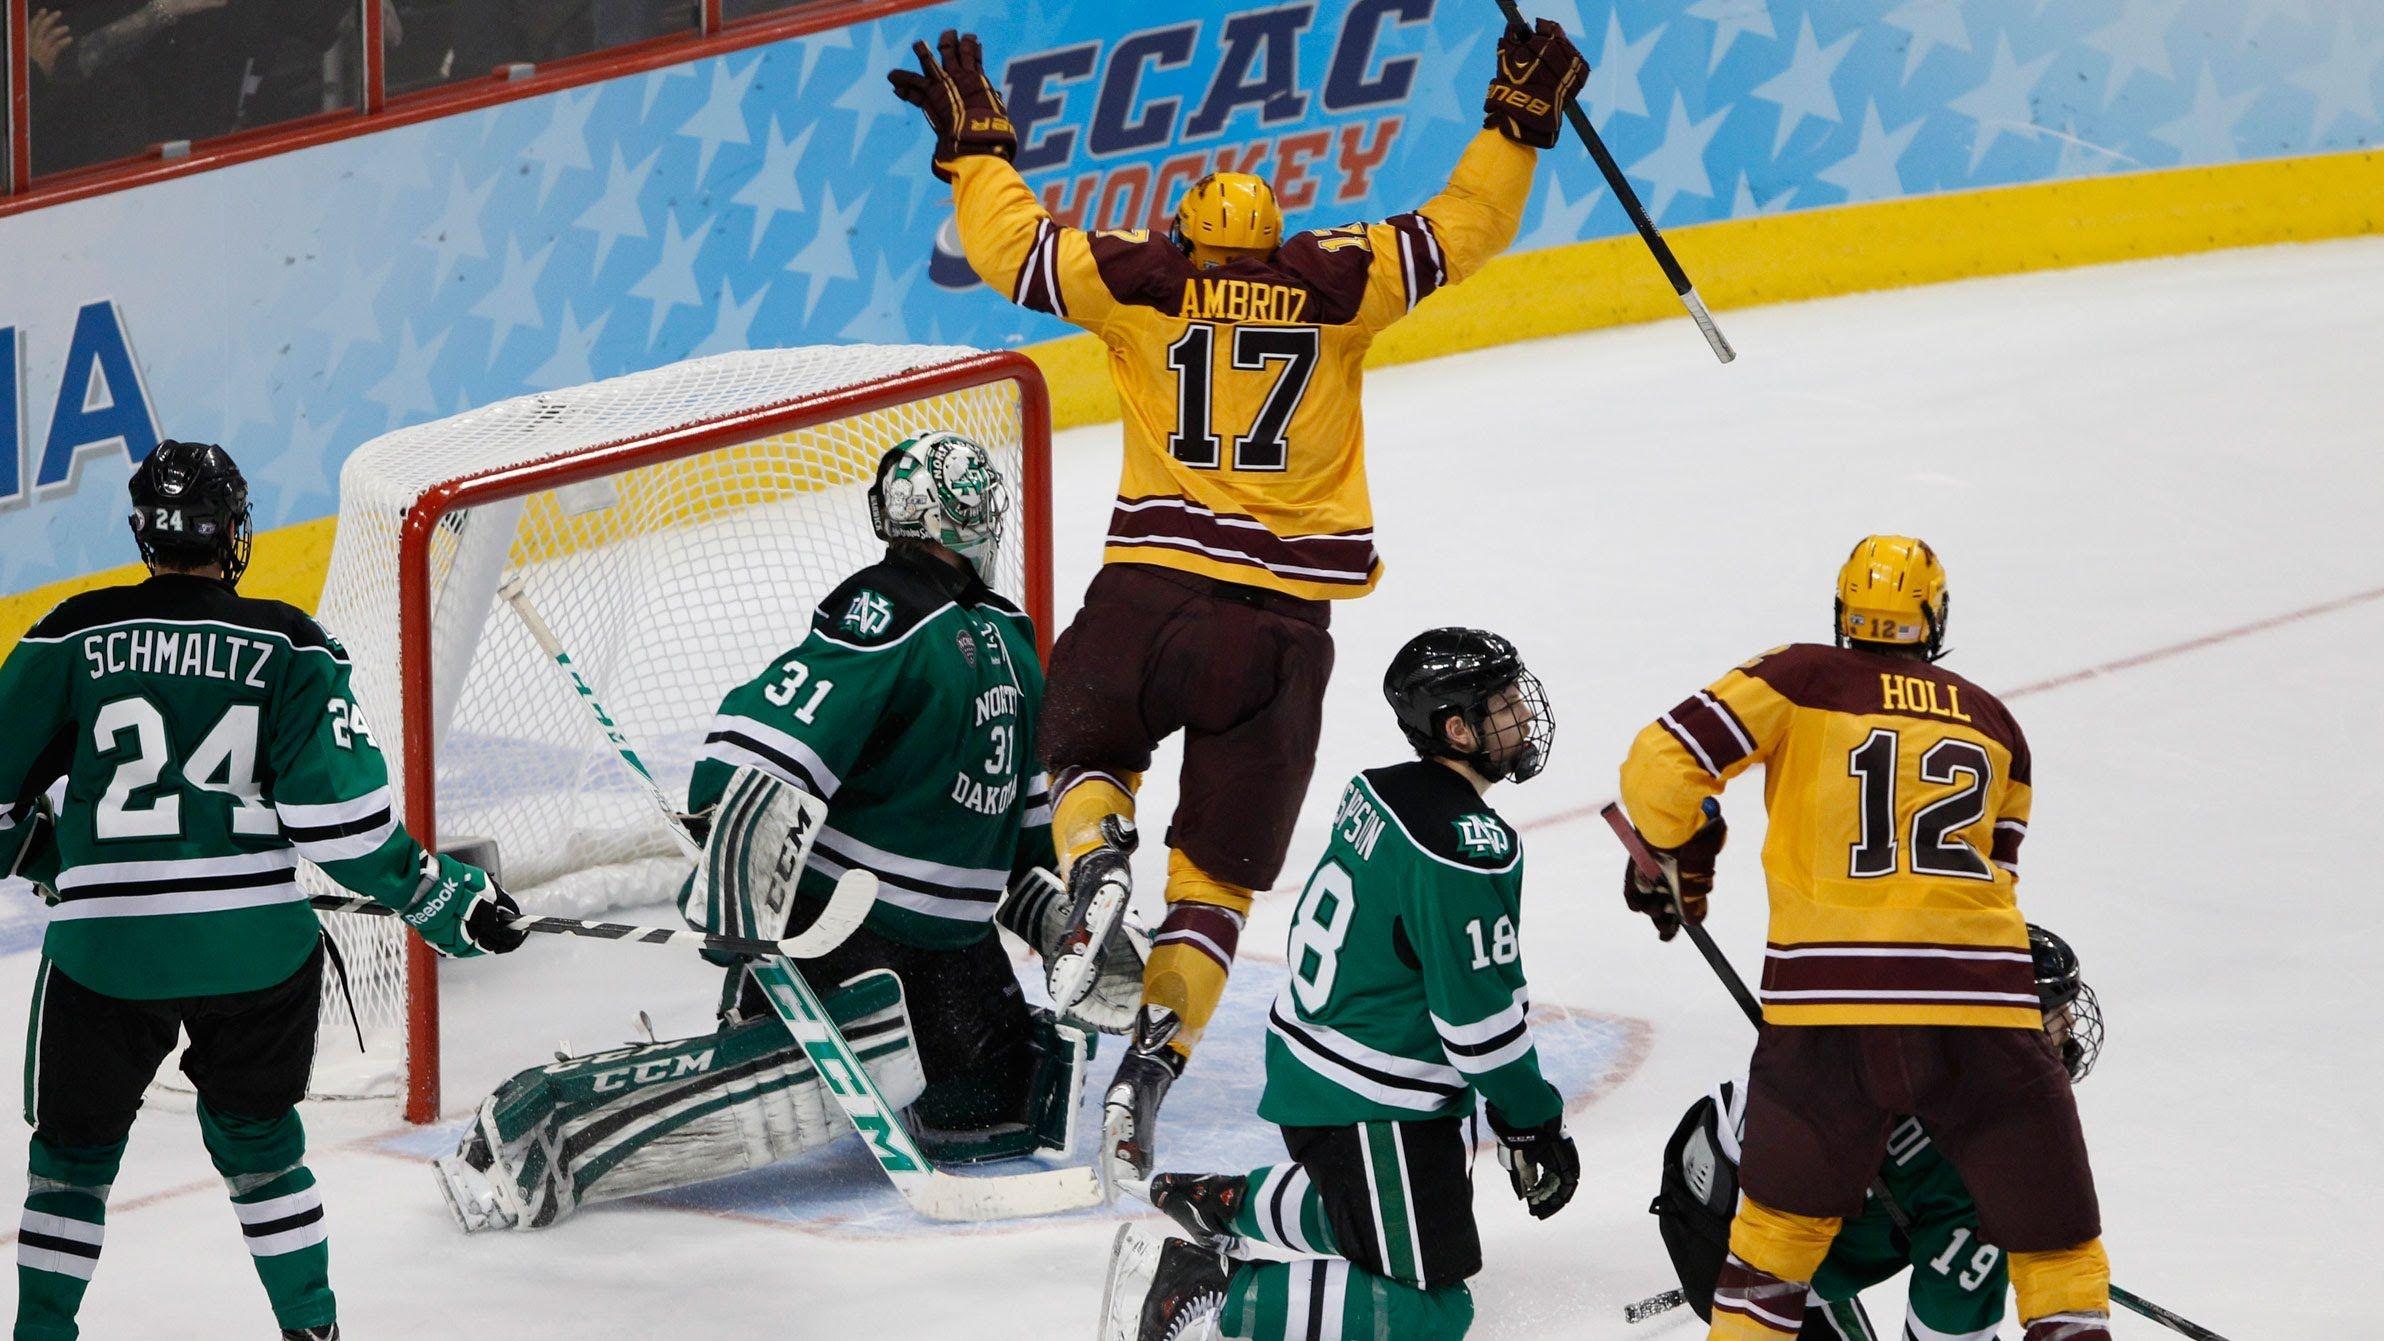 2013 14 Golden Gopher Hockey Pride On Ice Frozen Four Frozen Four Hockey Gopher